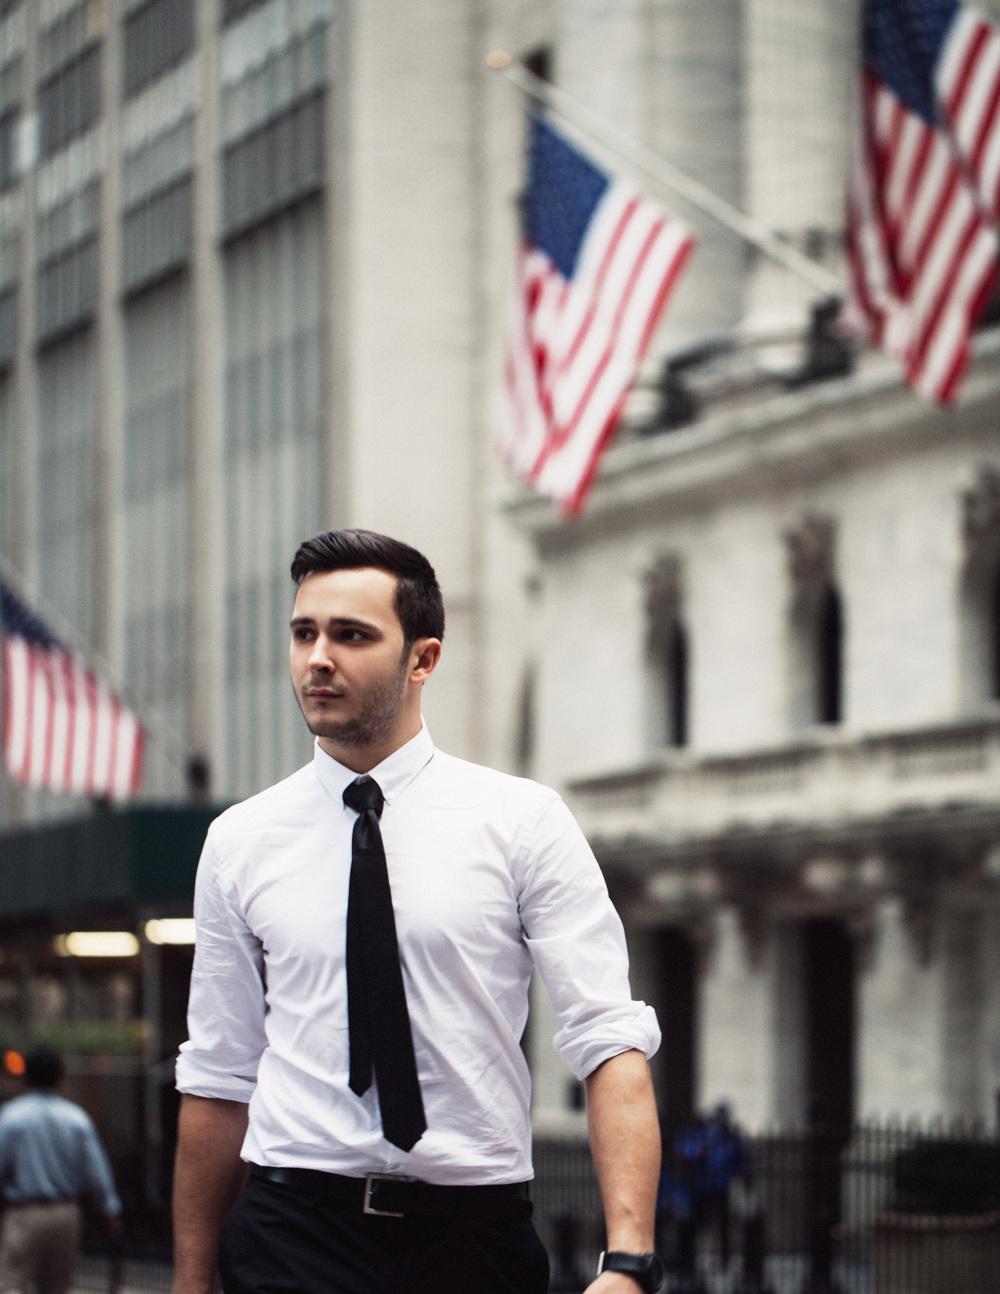 Иван Федин - Ваш Лицензированный Гид в Нью-Йорке